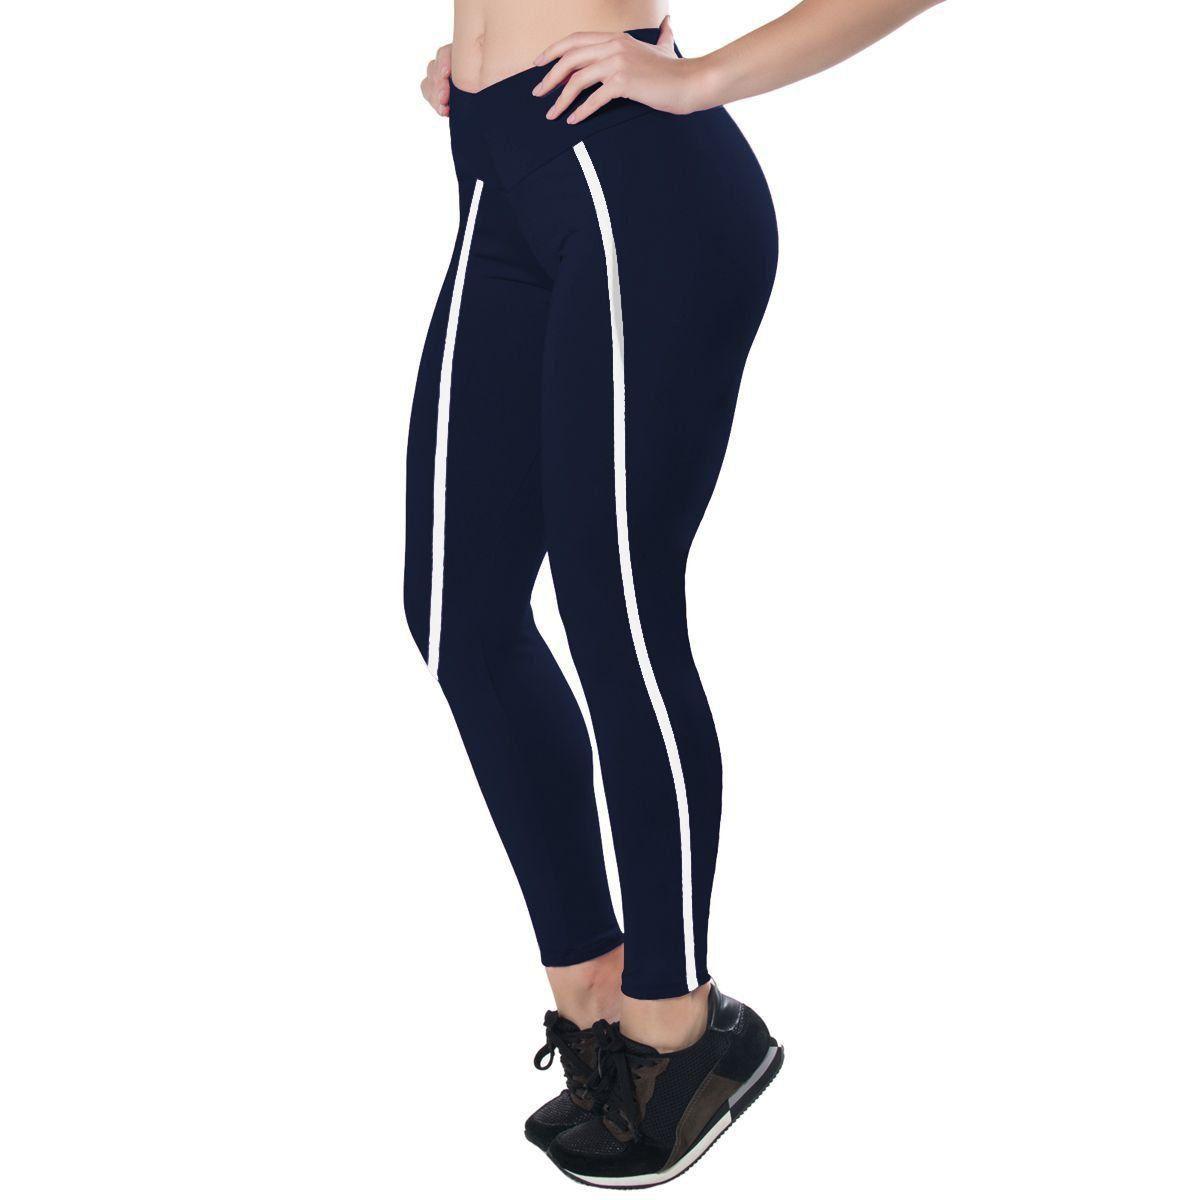 Calça feminina Legging Peluciada com listra na lateral Dicors -